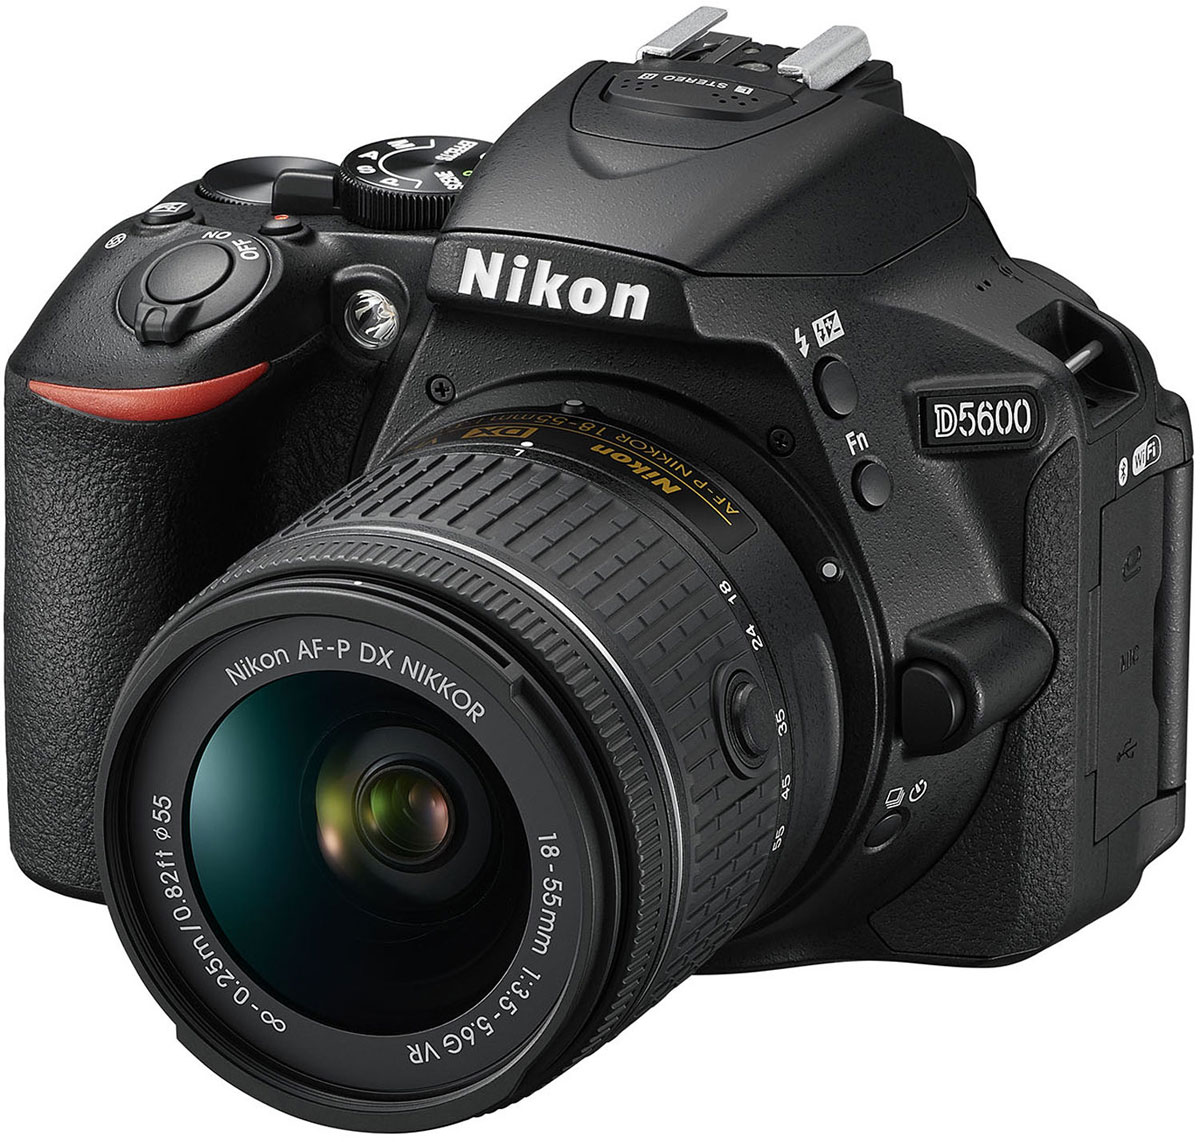 Nikon D5600 Kit 18-55 VR, Black цифровая зеркальная камера